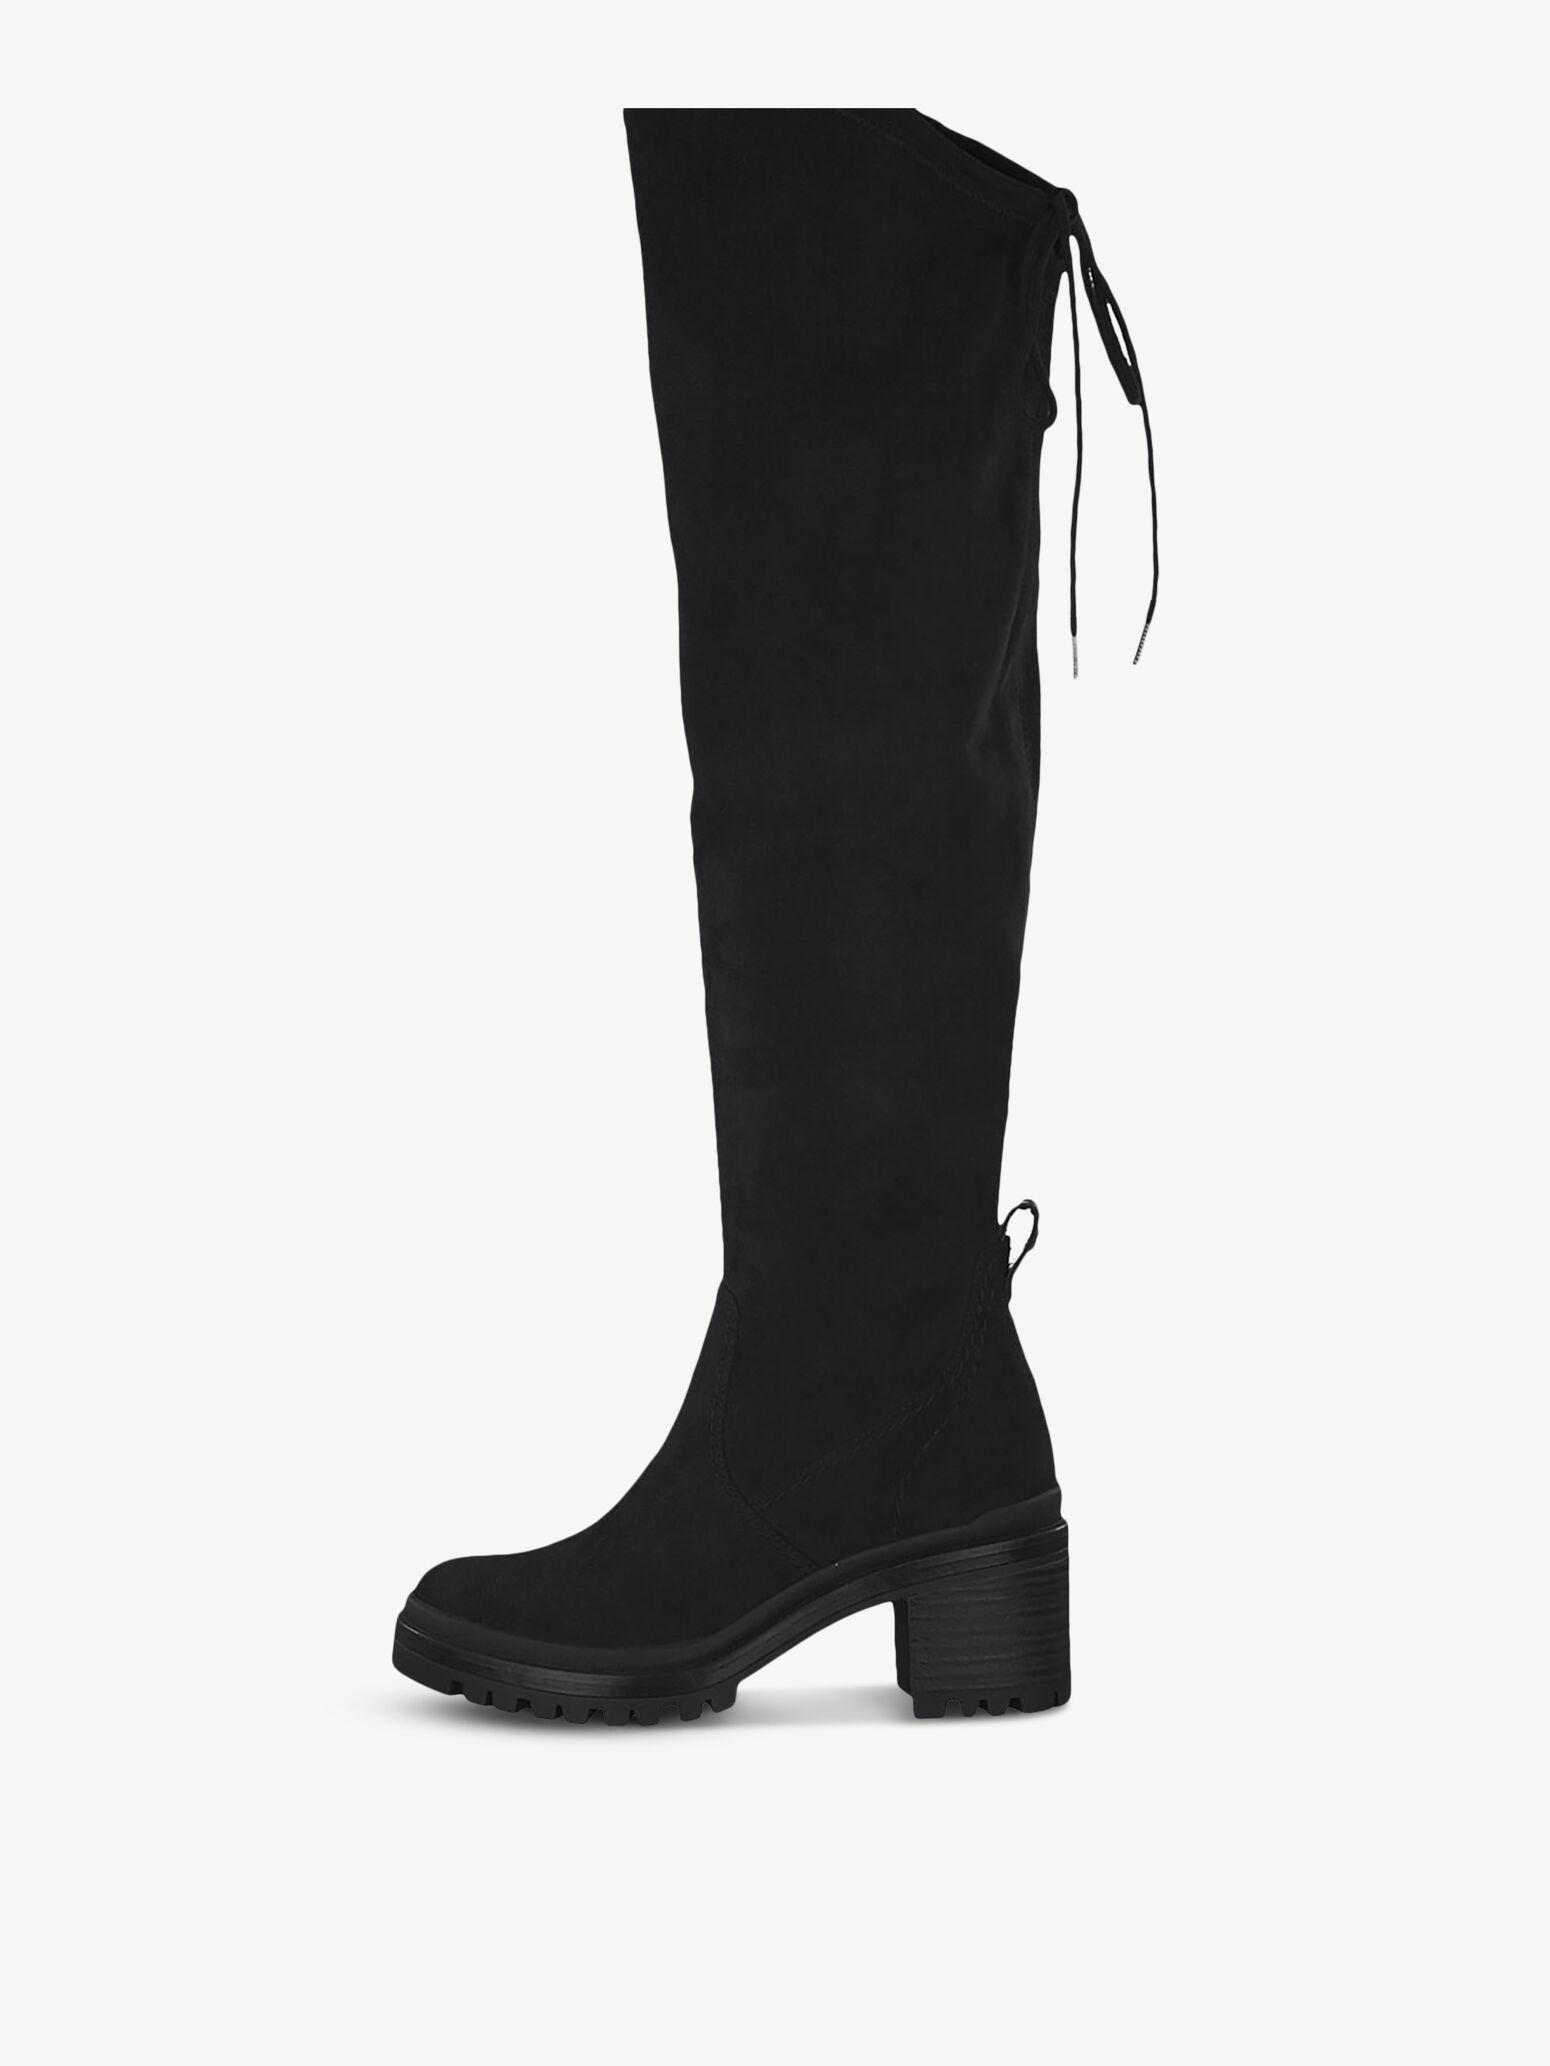 Tamaris Stiefel jetzt online kaufen!